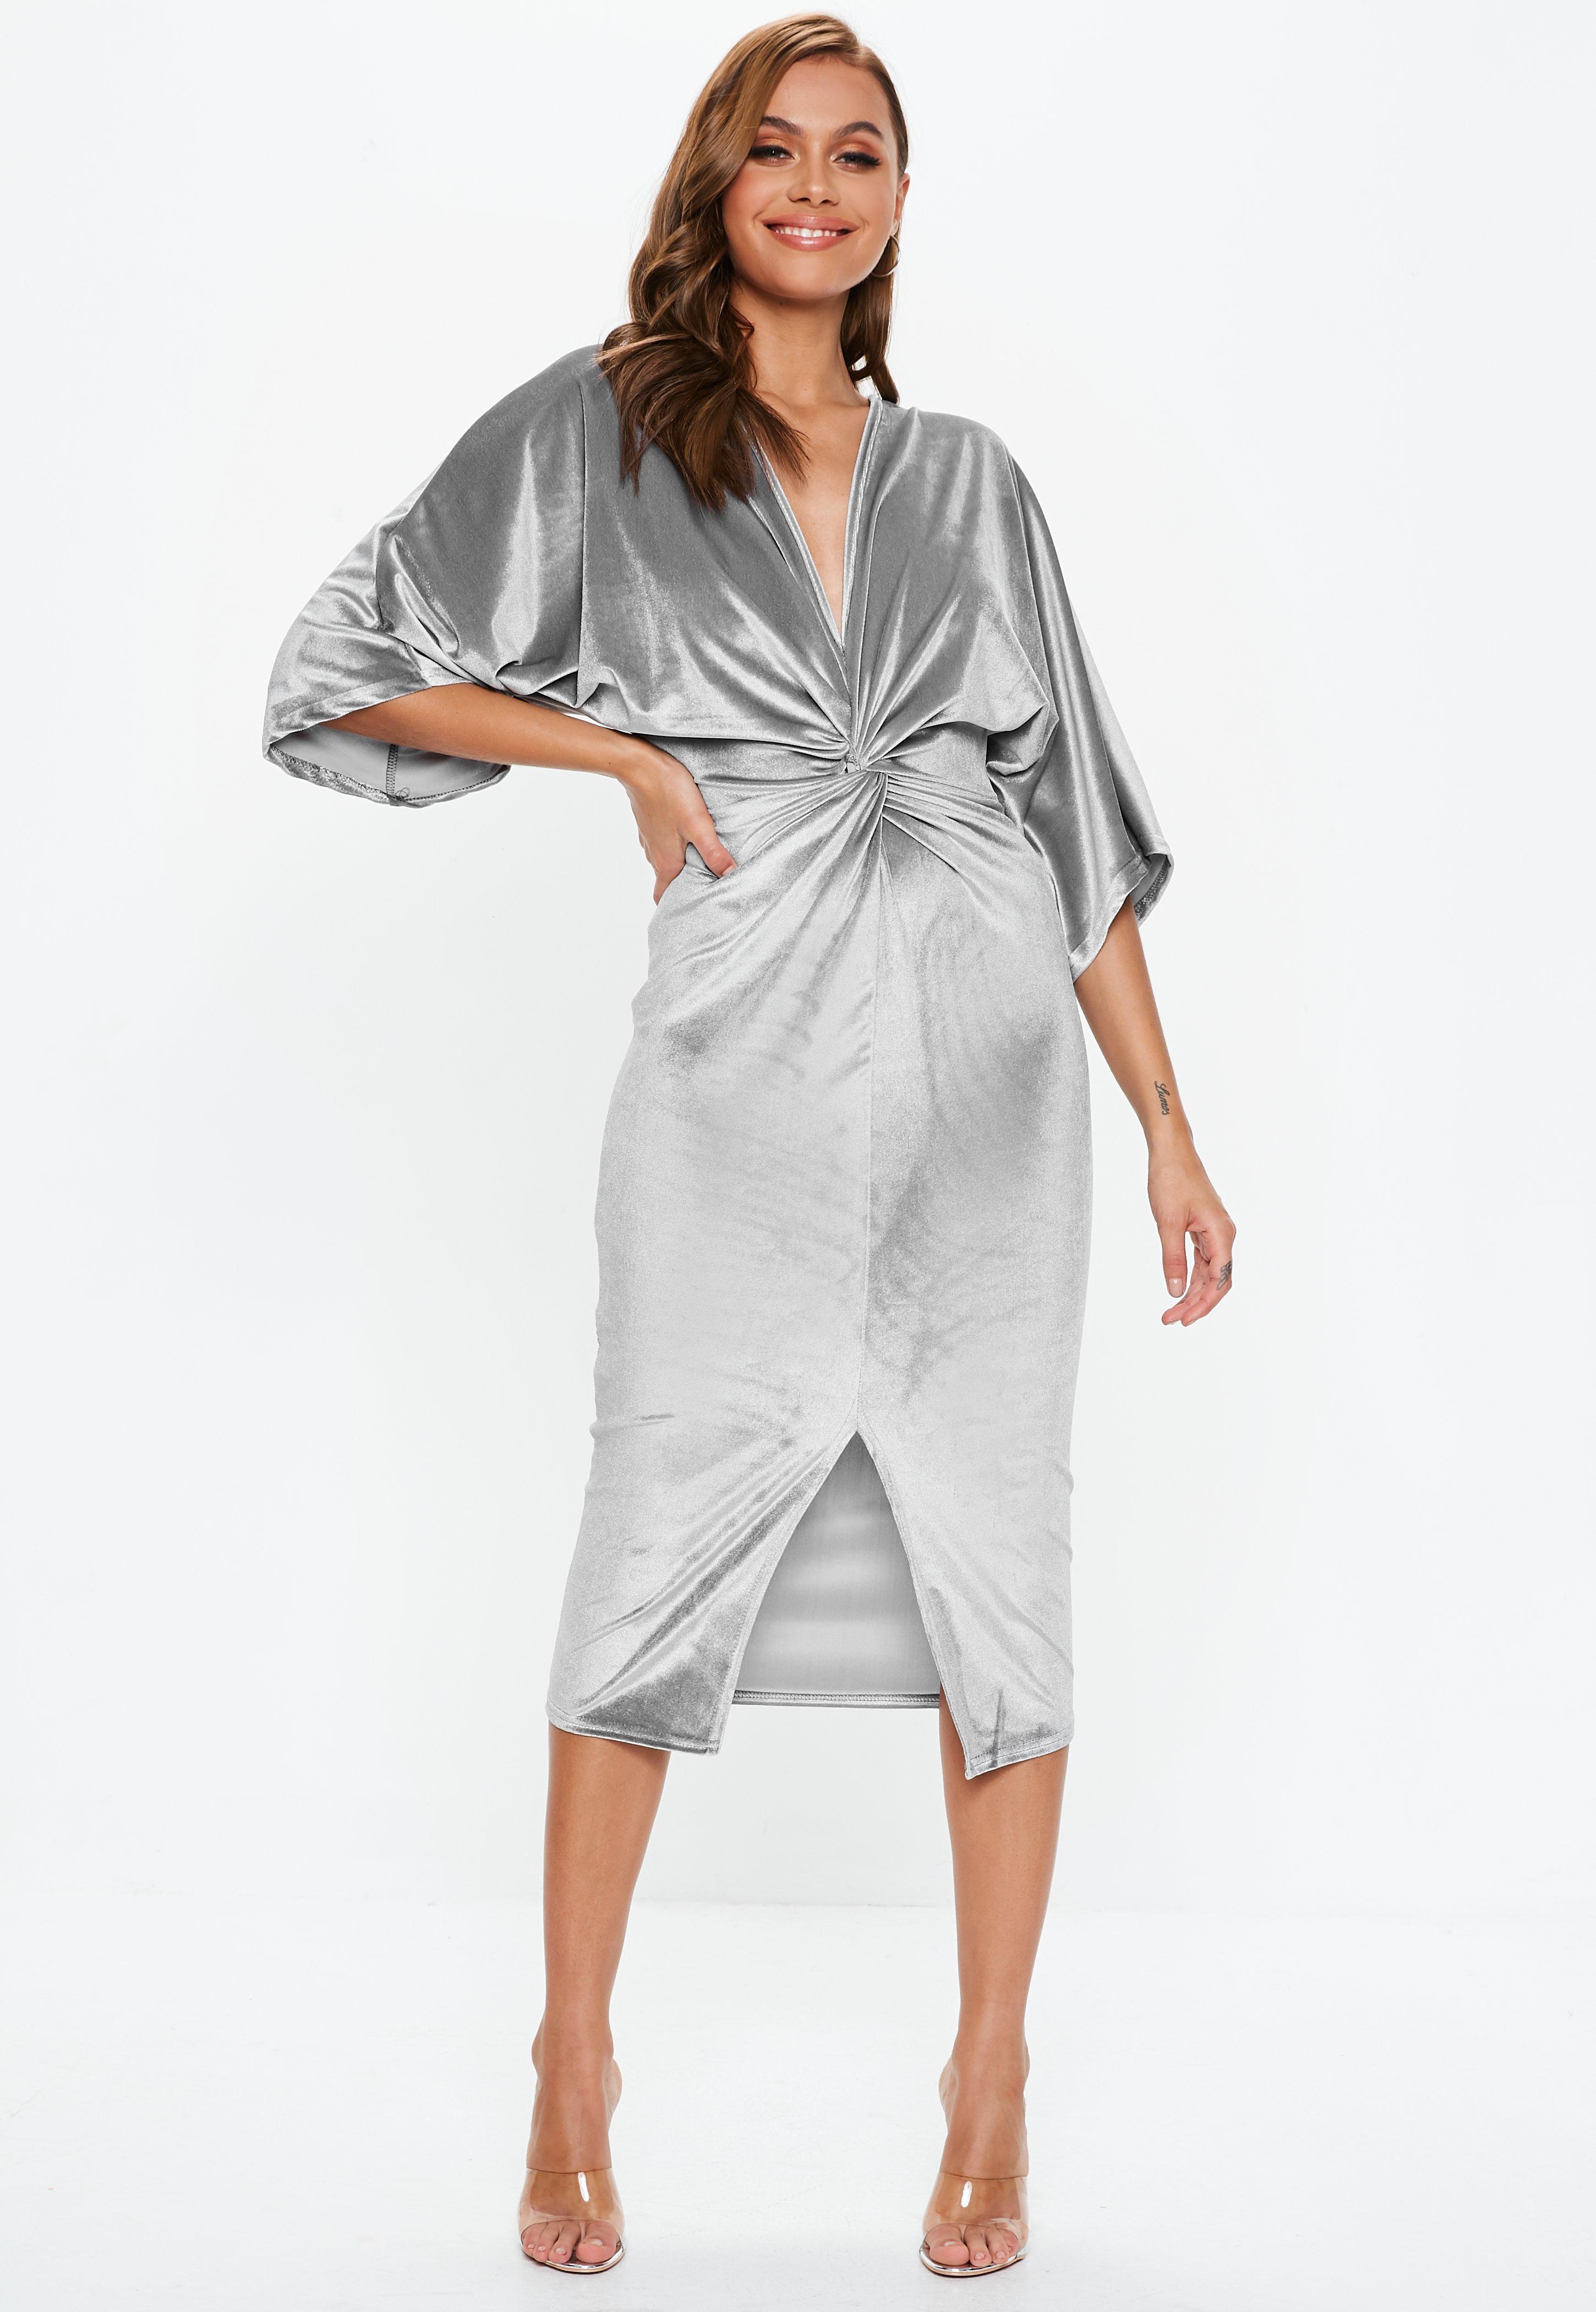 a4c0d5f31c Velvet Dresses - Women s Velour Dresses Online